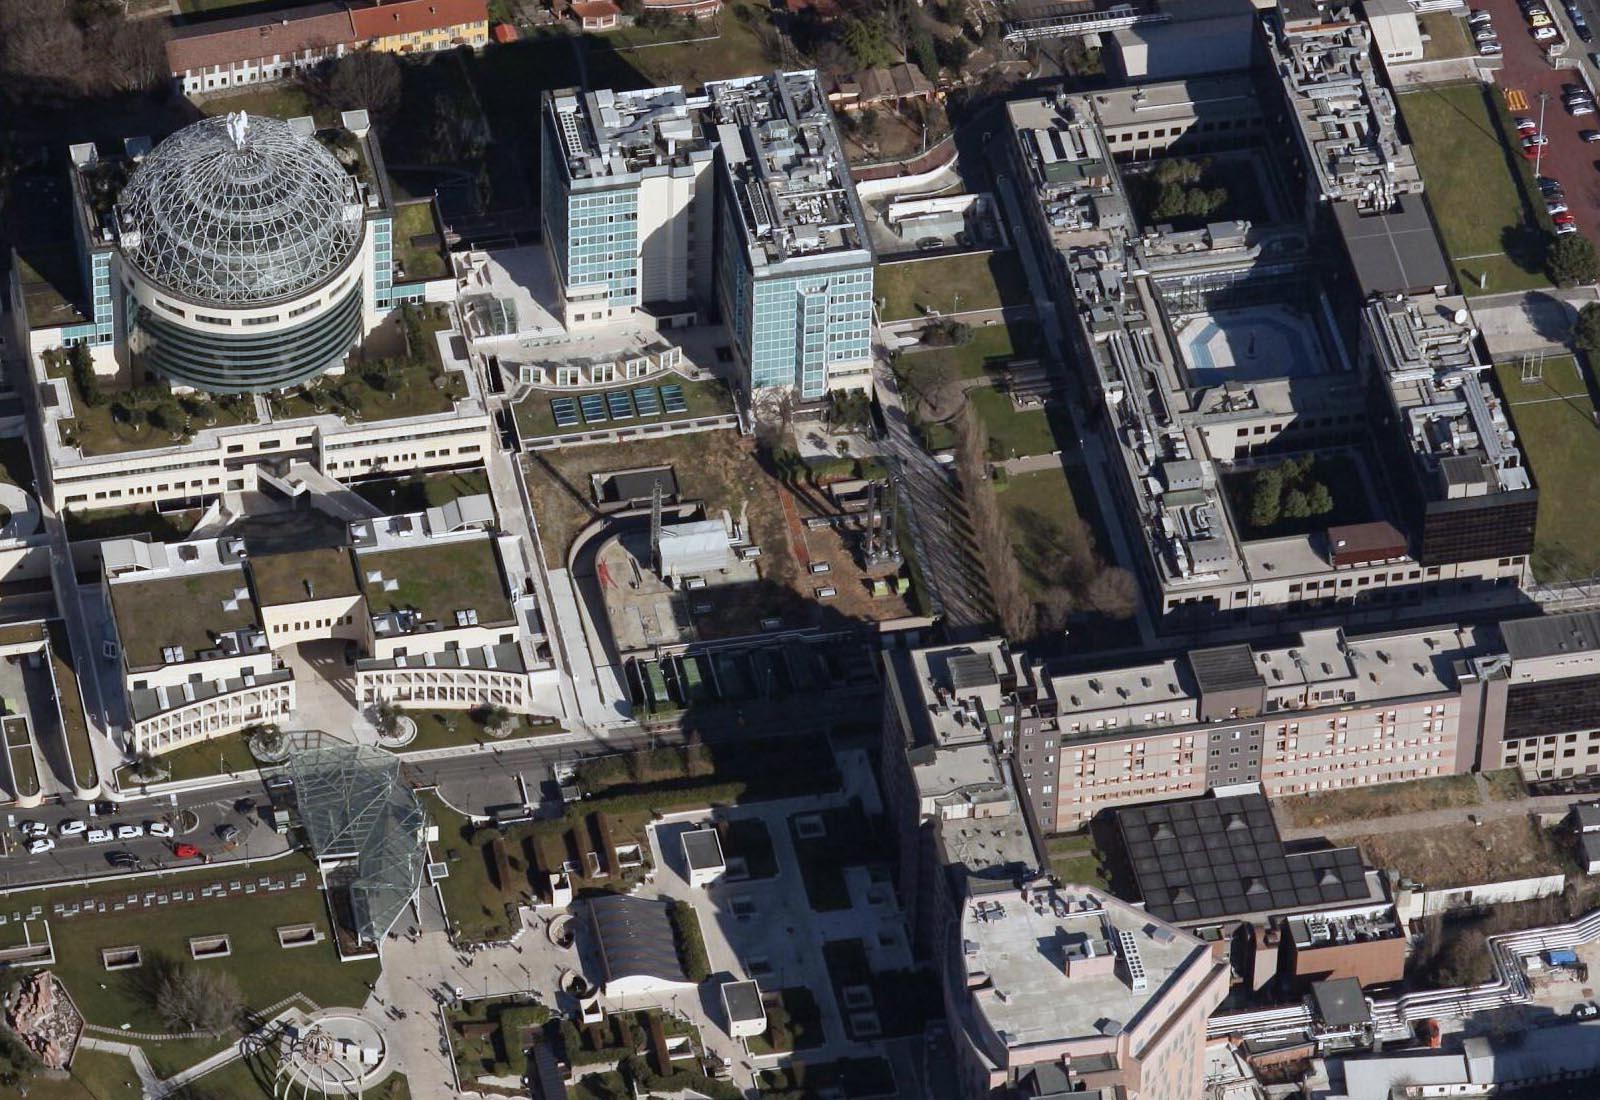 Ampliamento Ospedale San Raffaele a Milano - Vista aerea dell'area del cantiere